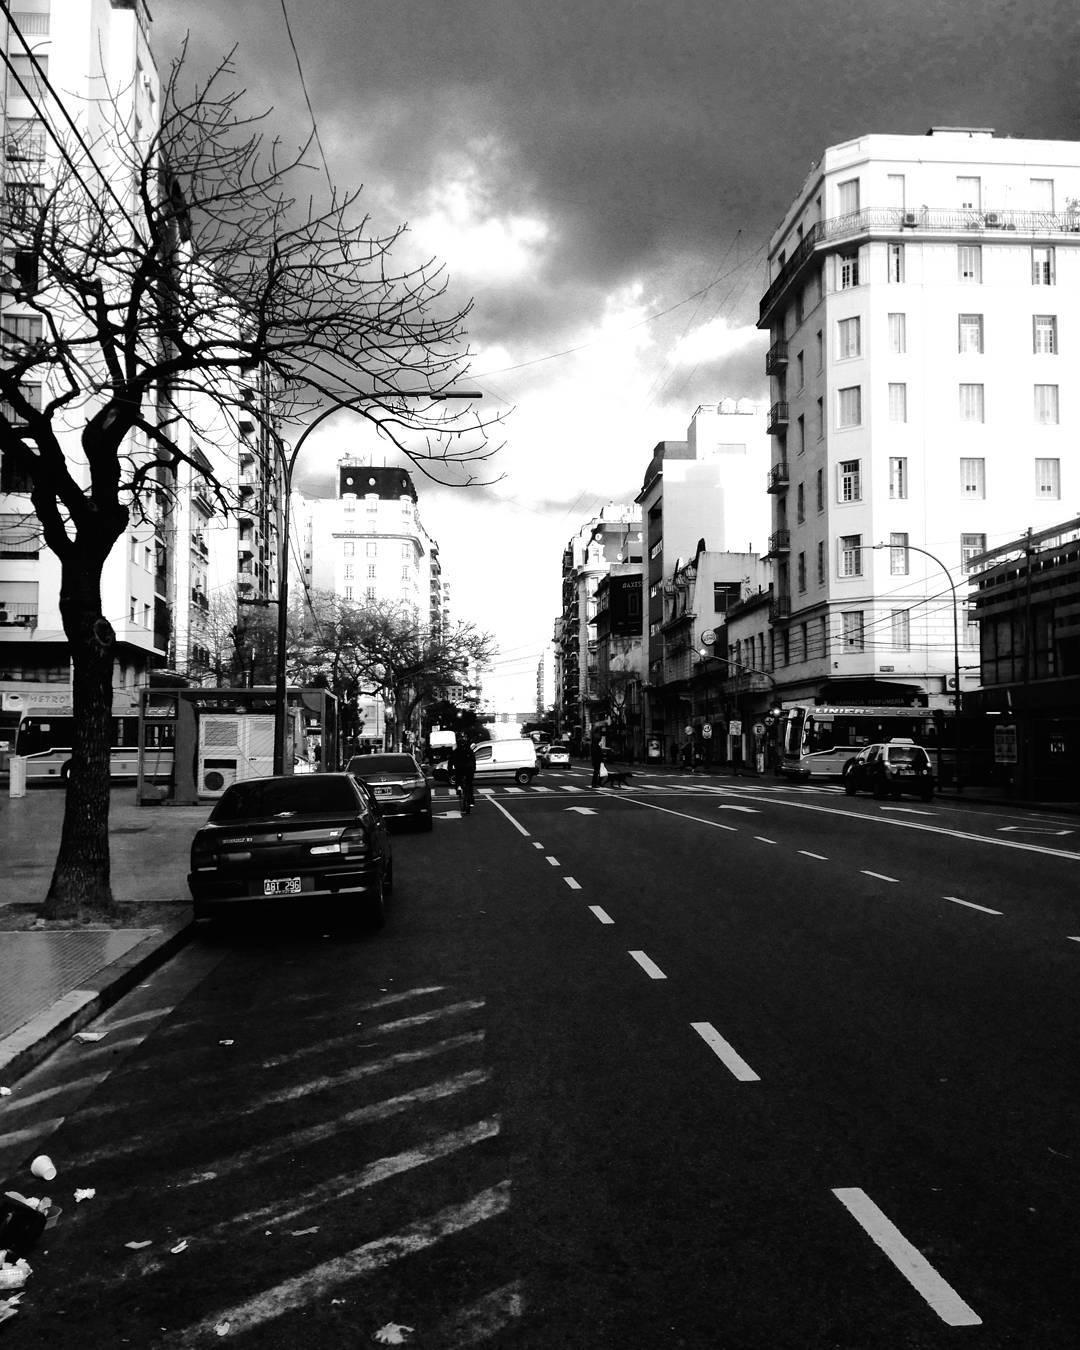 Martes gris y lluvioso en Capital Federal! Contanos cómo está el clima en tu ciudad: Trenque? Mar del Plata? Córdoba? La Plata?  #ActitudQA #lluvia #primavera?